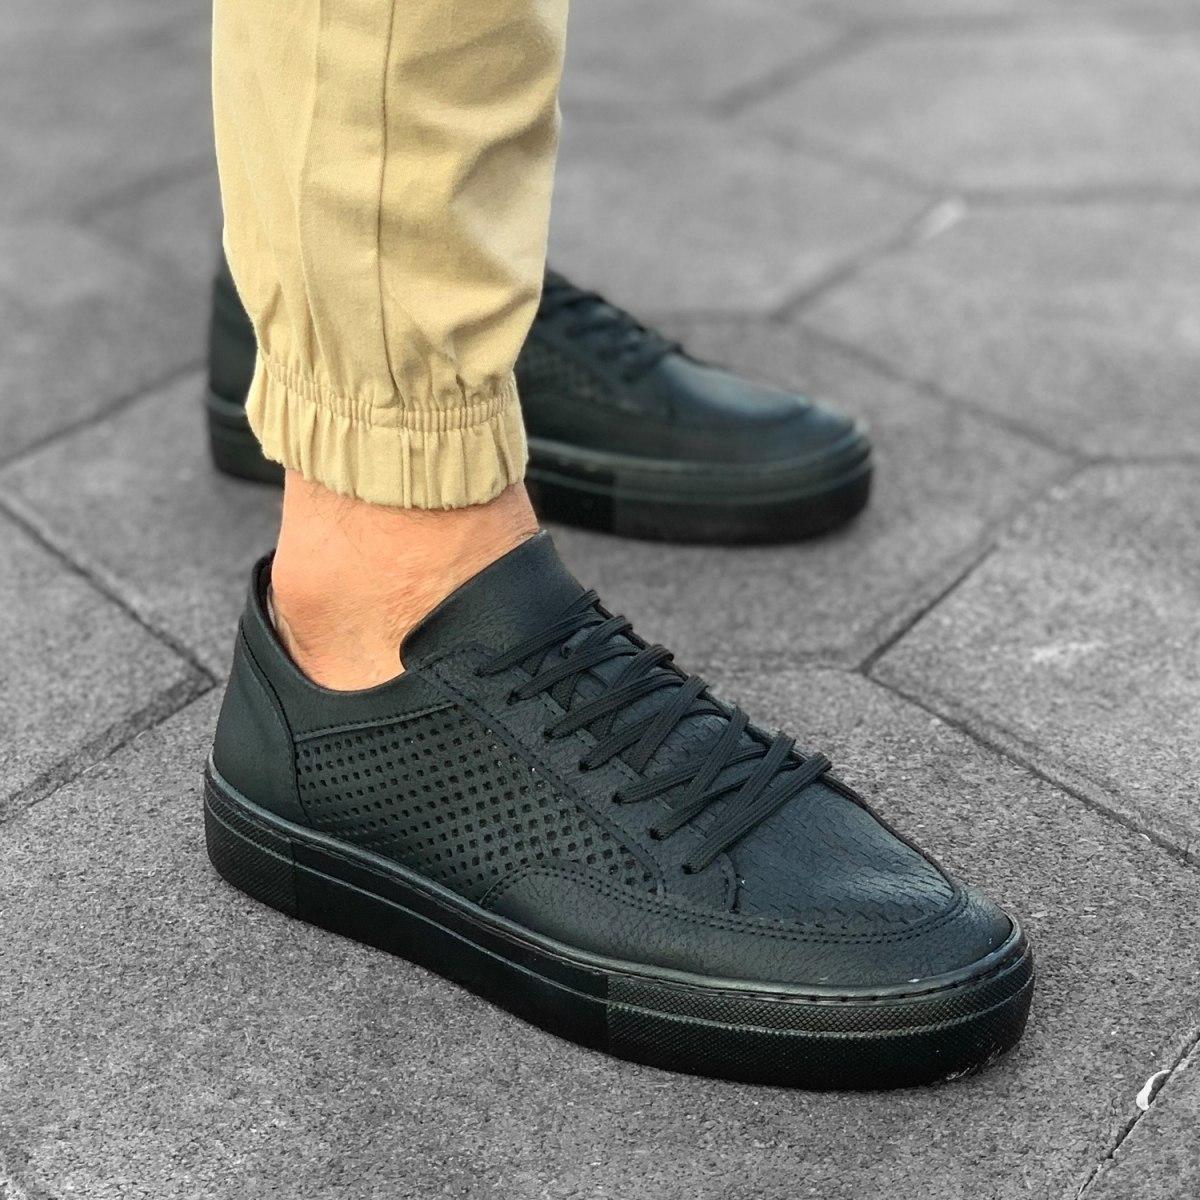 Herren Plexus Sneakers In Schwarz Mv Premium Brand - 1